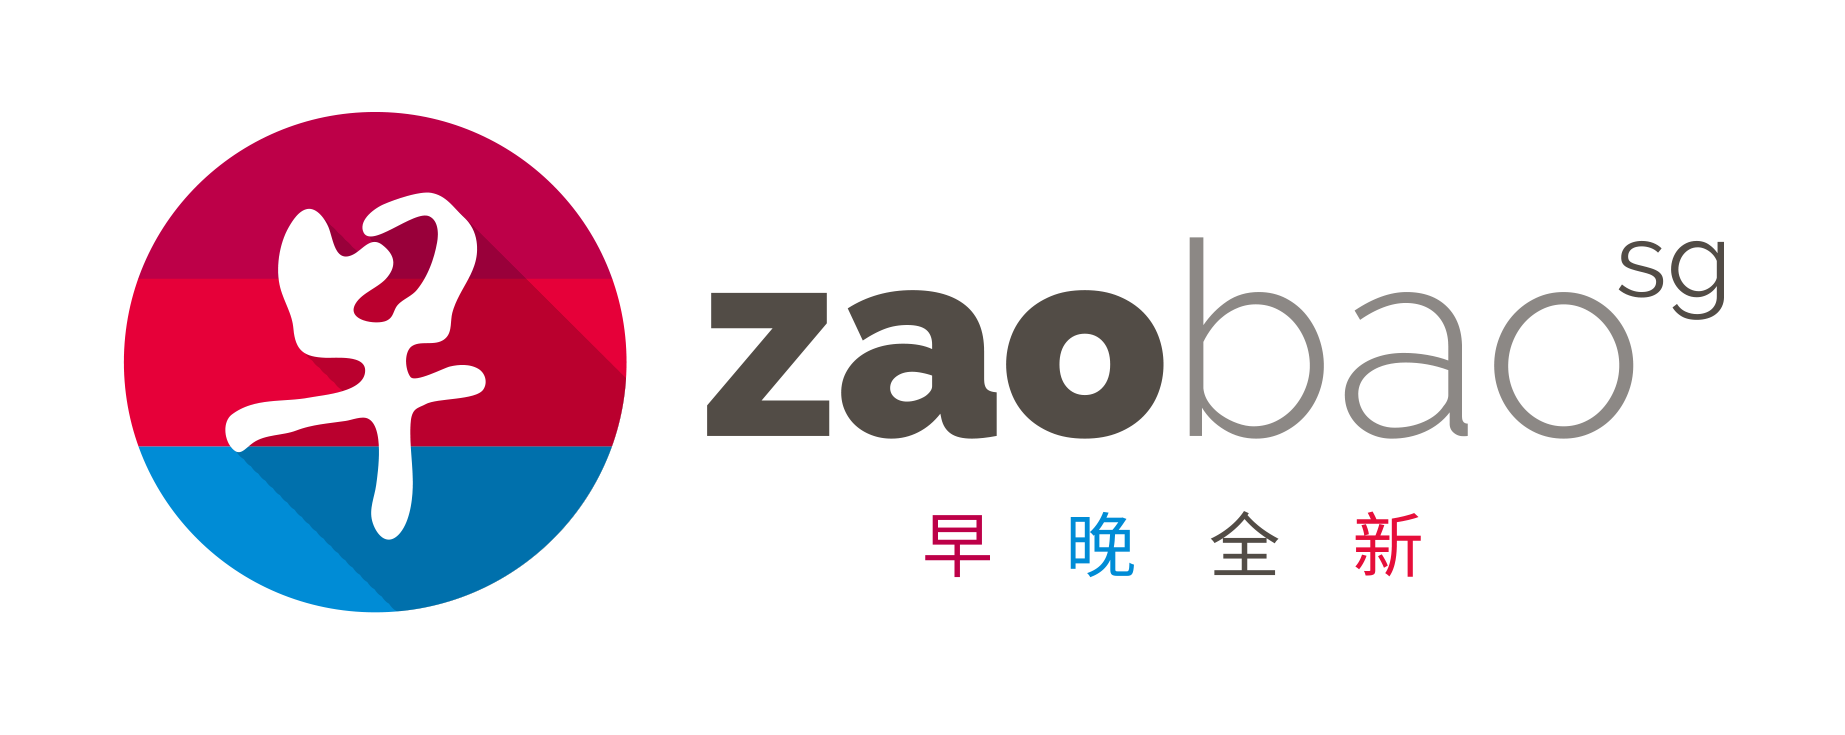 ZaoBao Logo